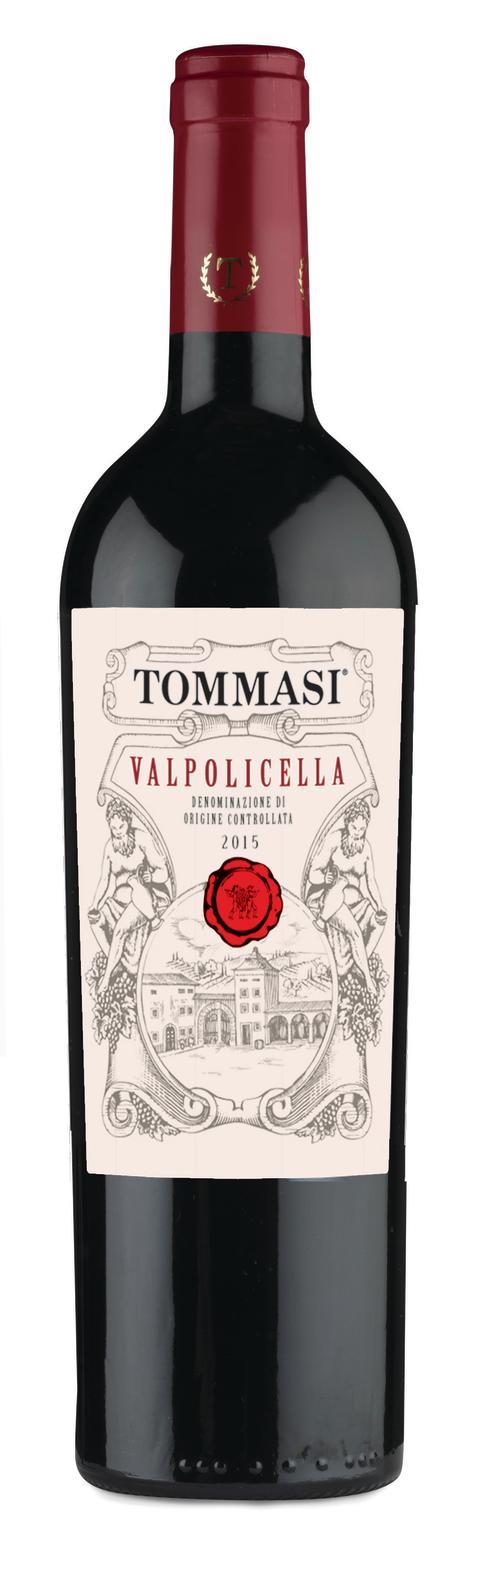 Tommasi Valpolicella DOC 2015